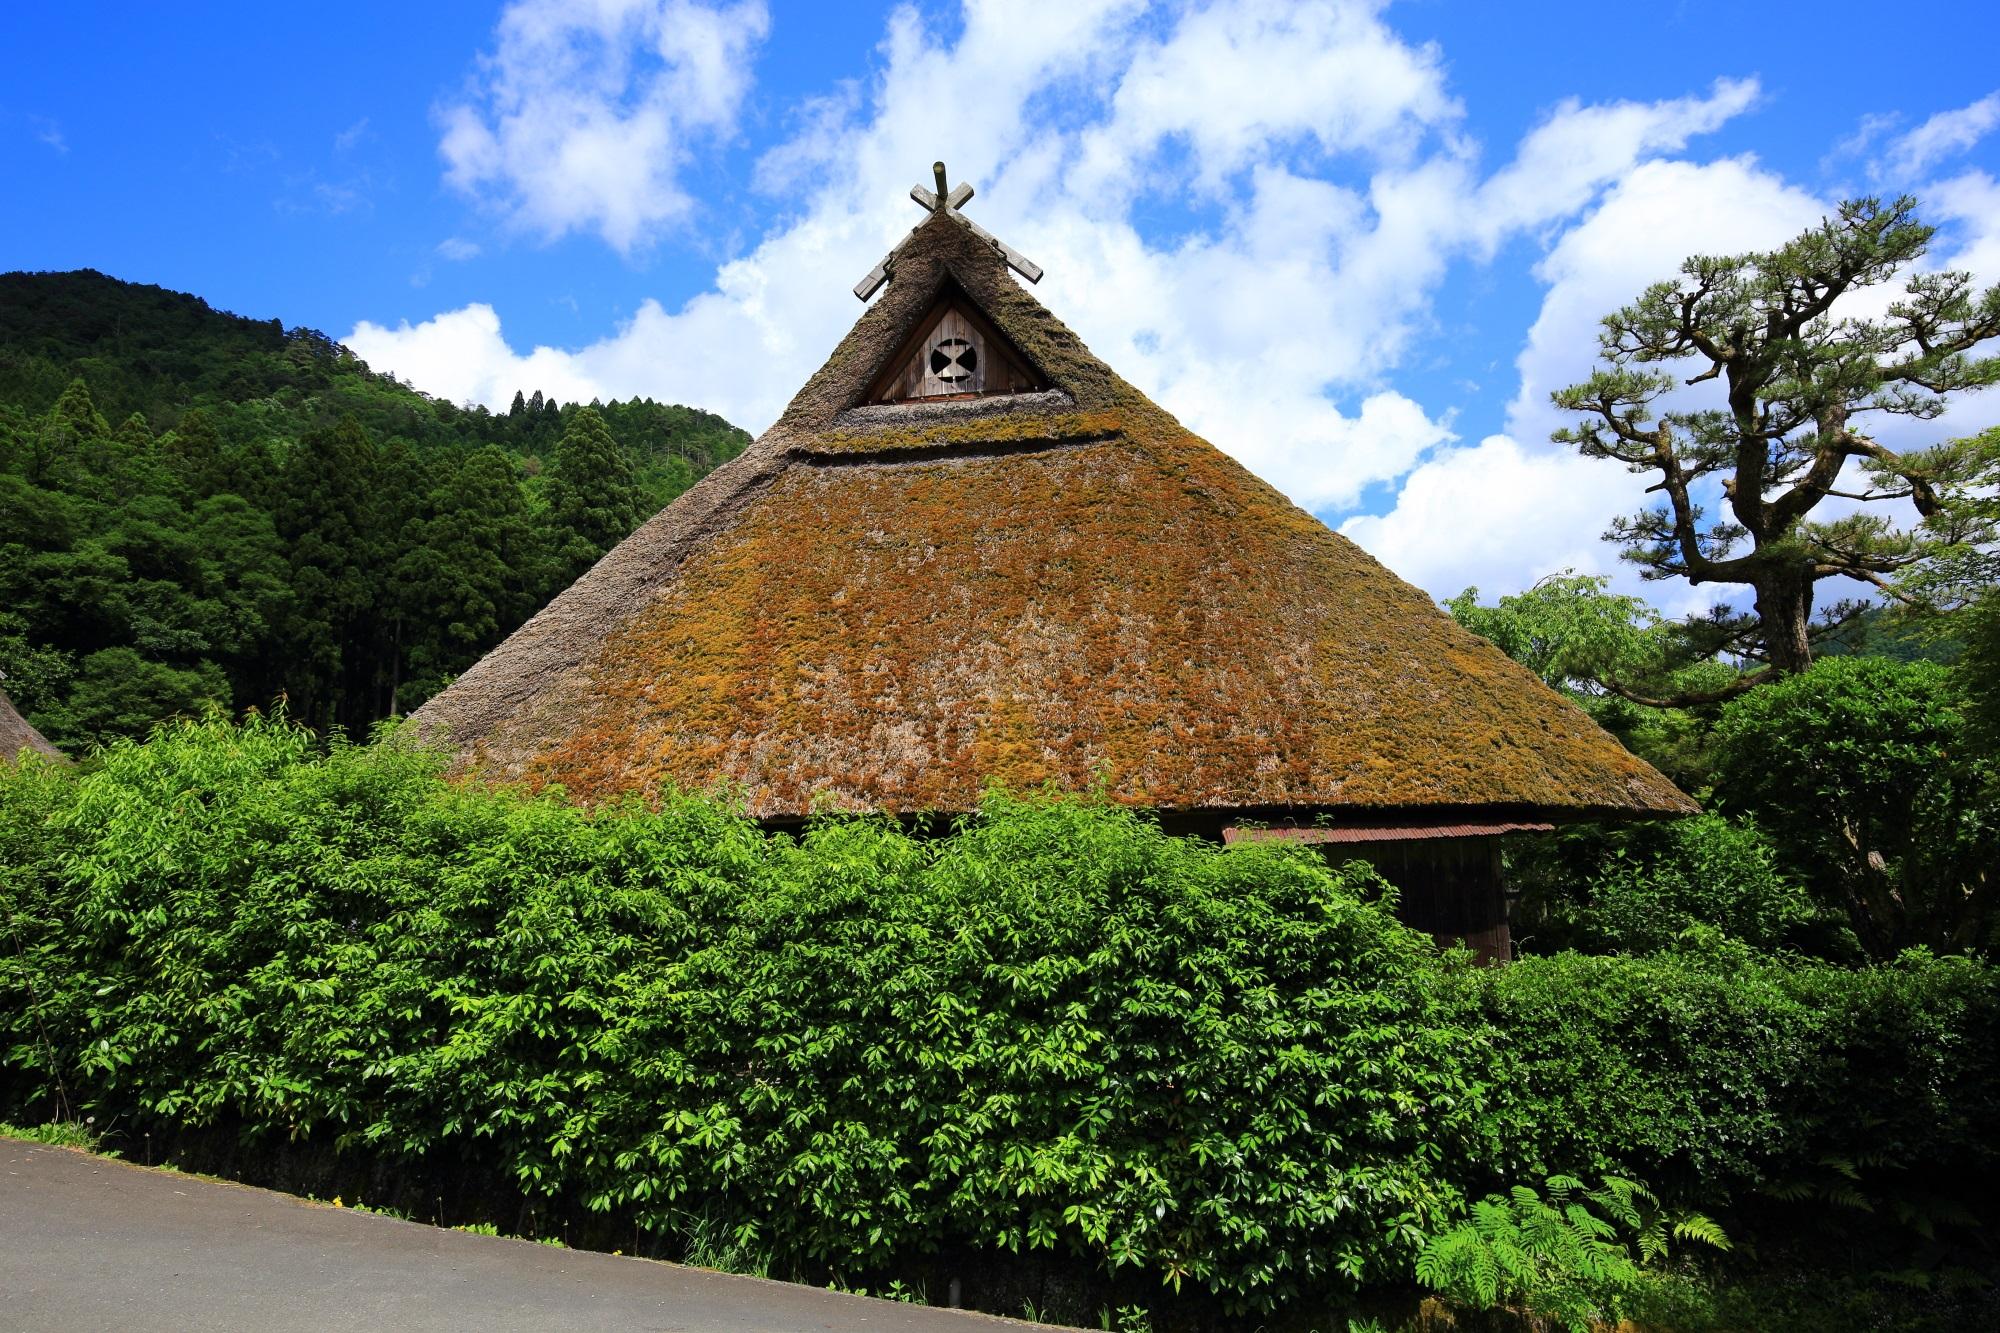 青空や緑に溶け込む趣きある茅葺屋根